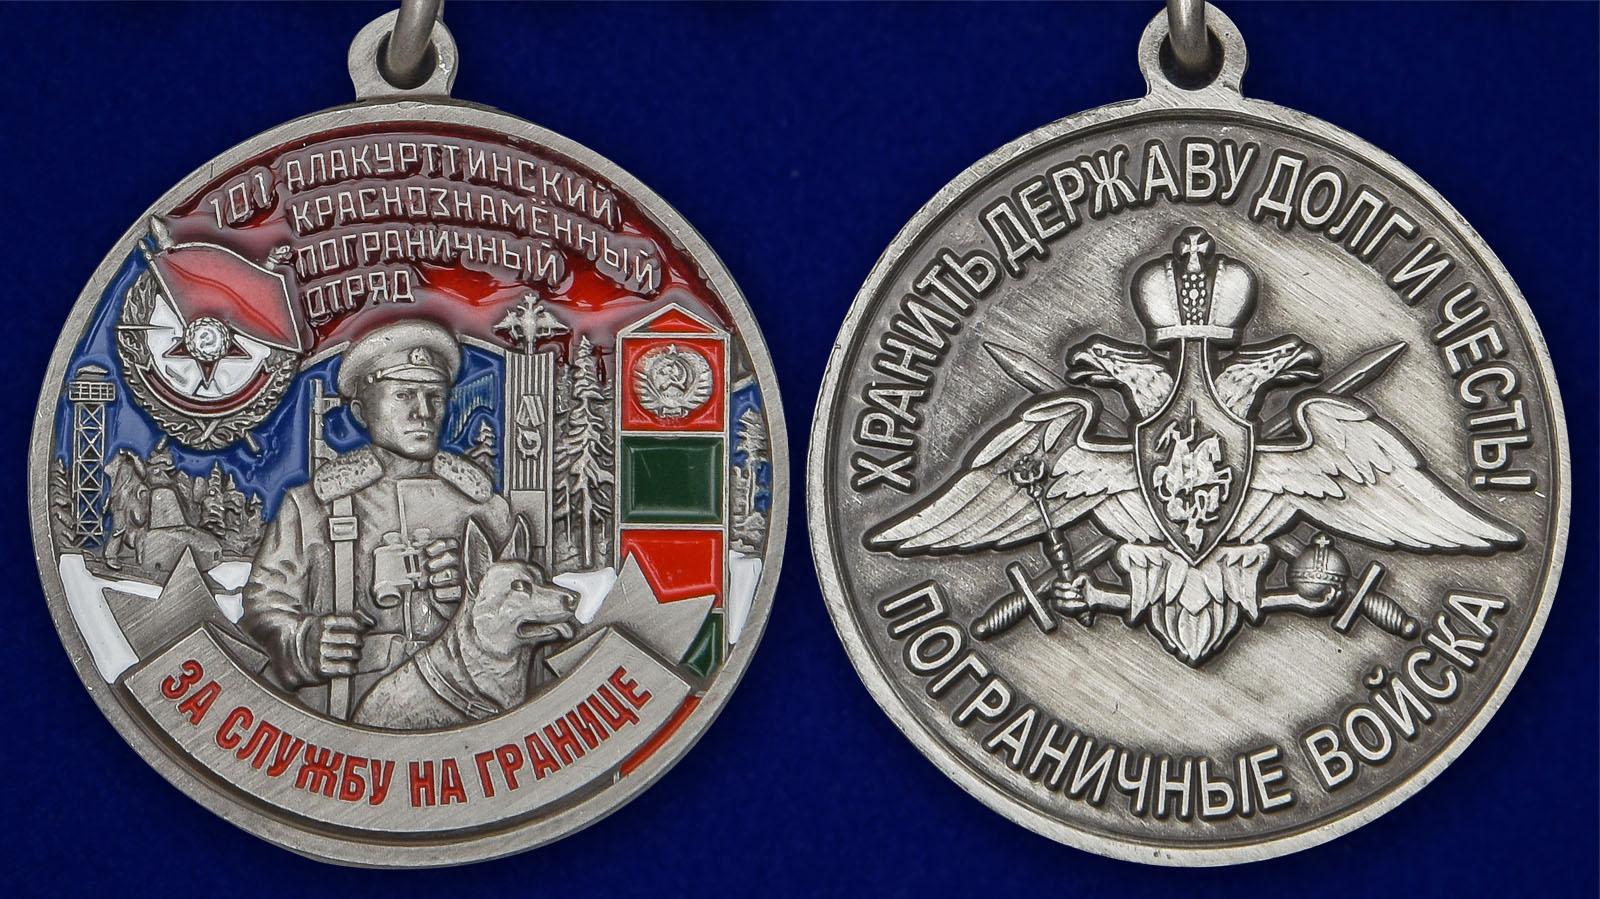 Памятная медаль За службу в Алакурттинском пограничном отряде - аверс и реверс